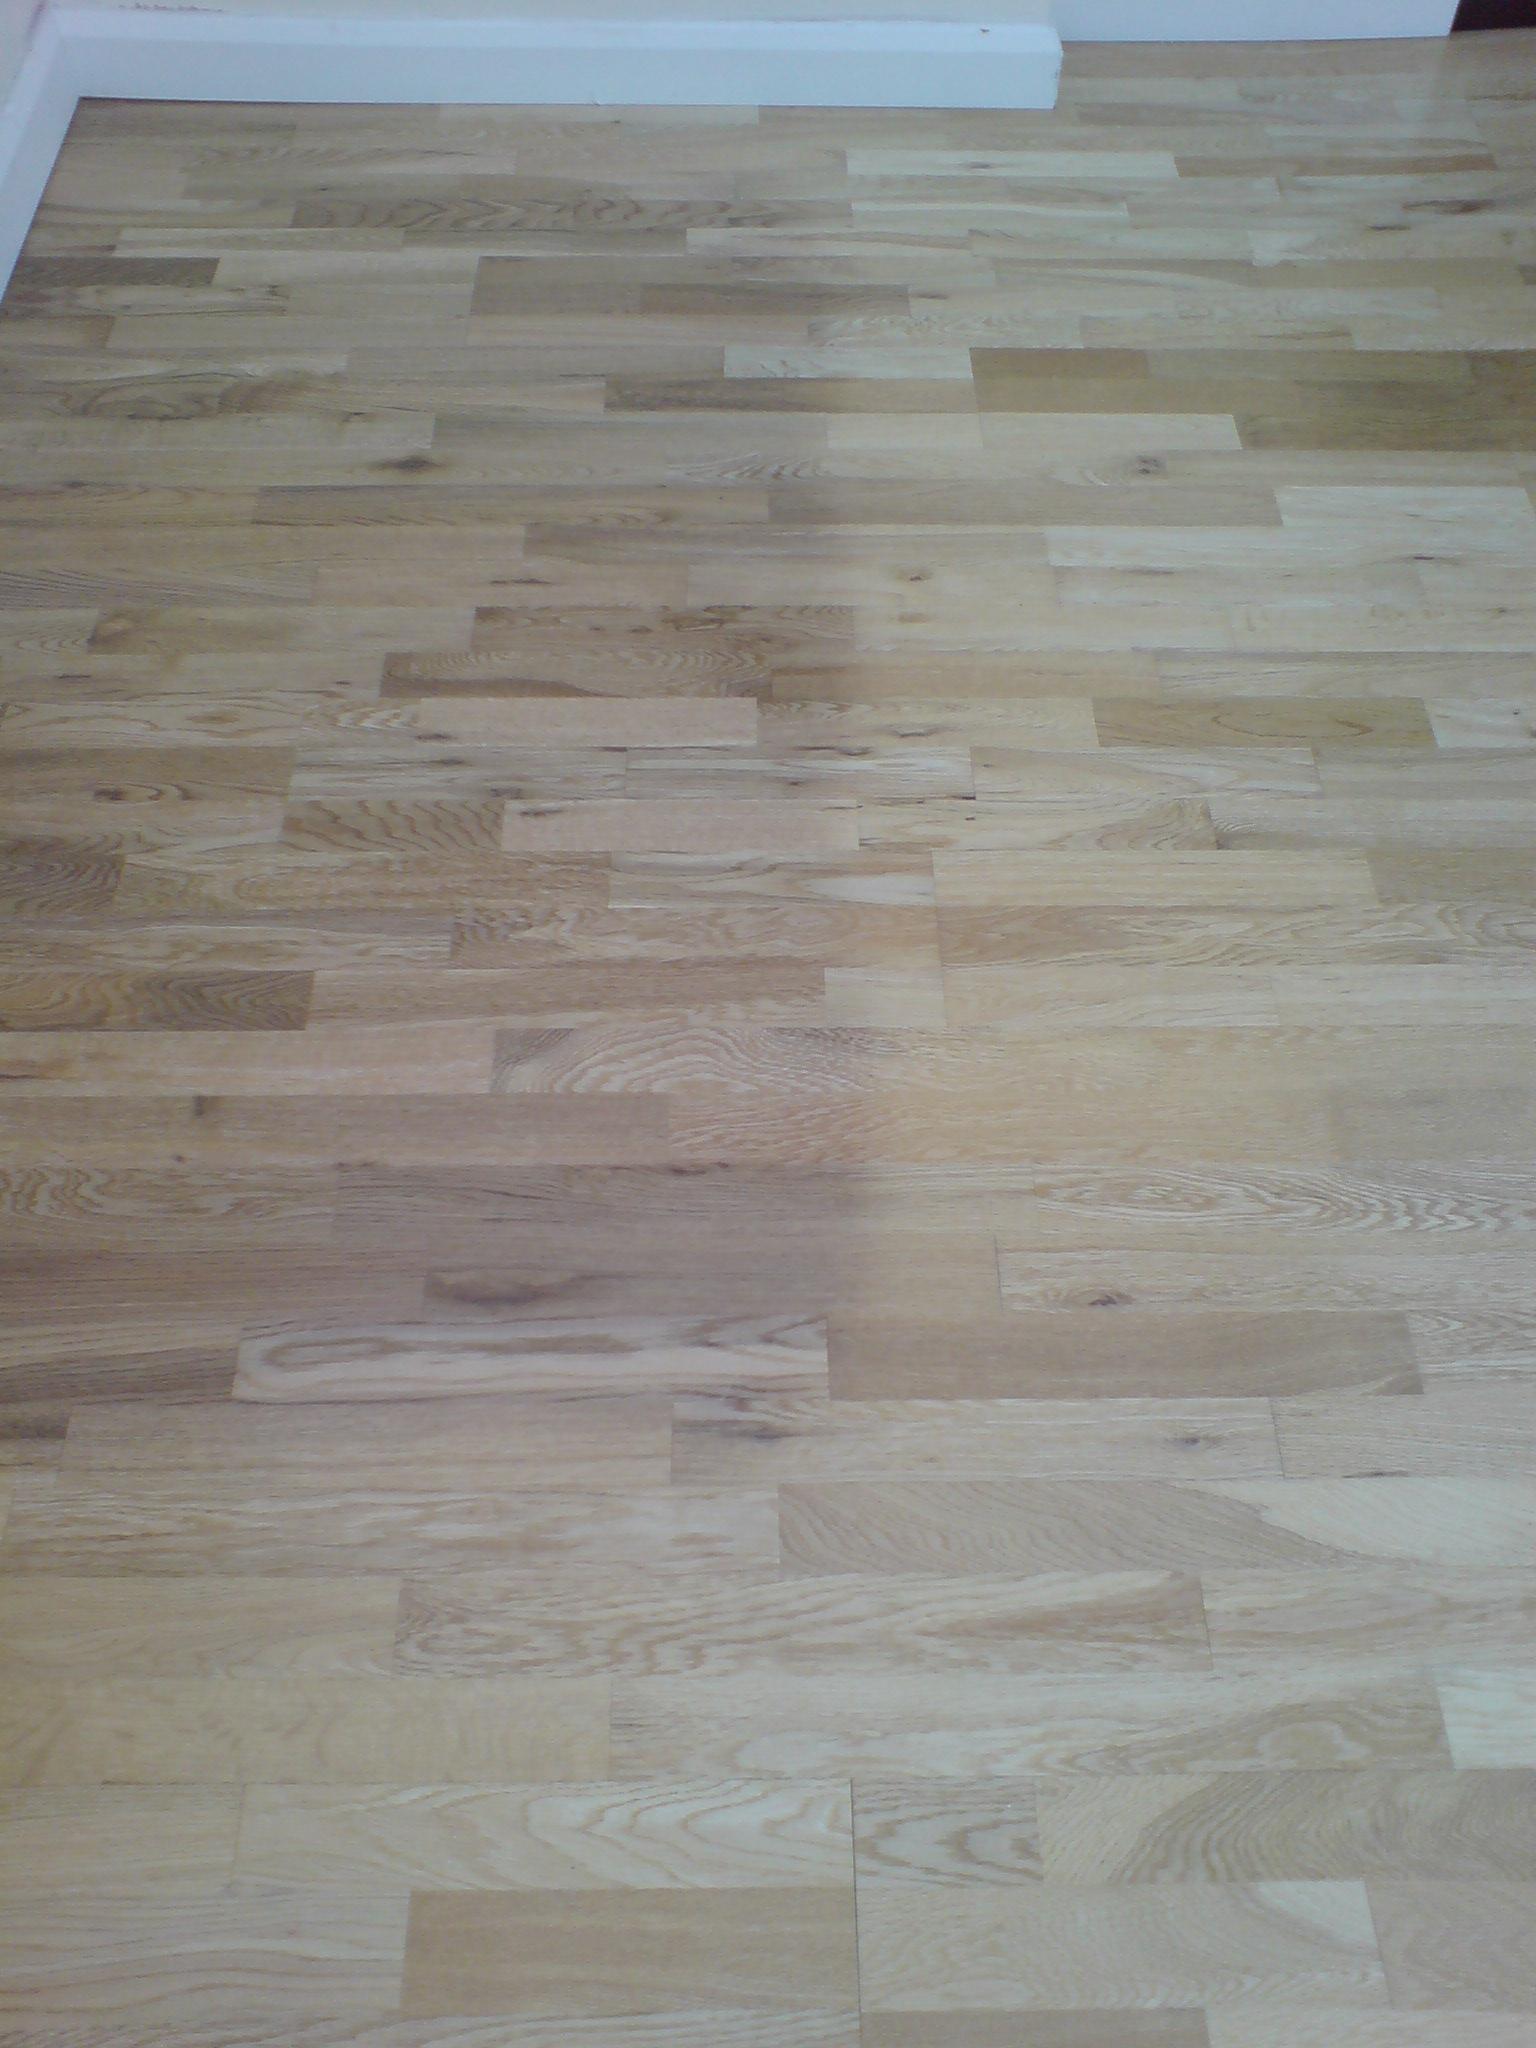 Faded floor from UV light